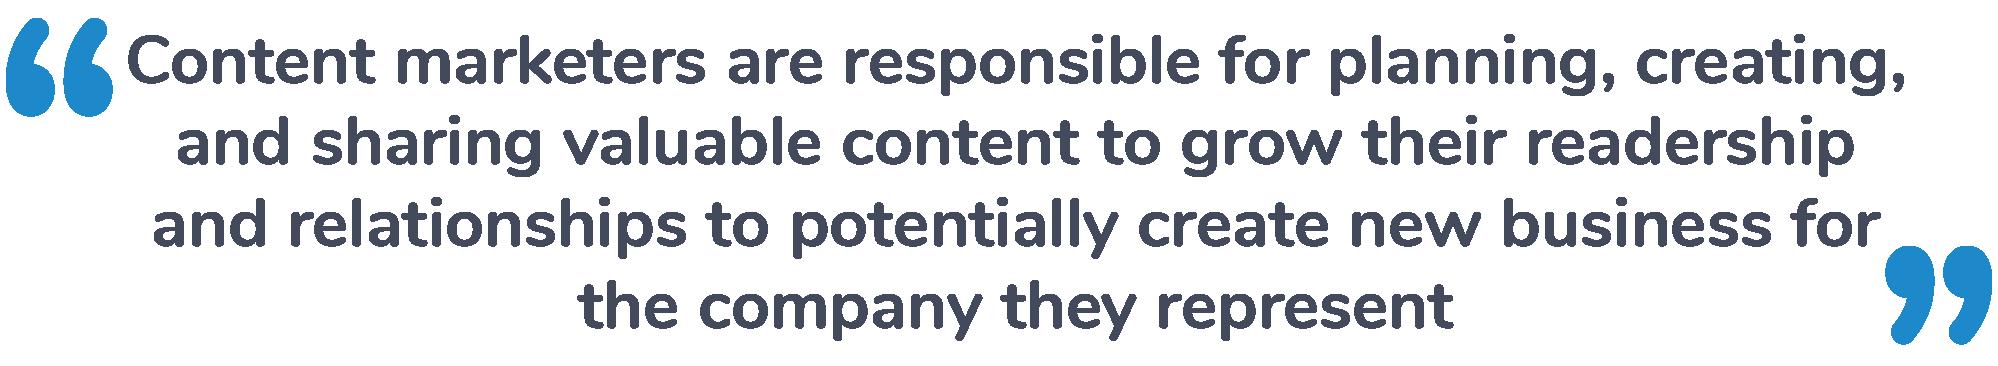 Content Marketer responsibilities